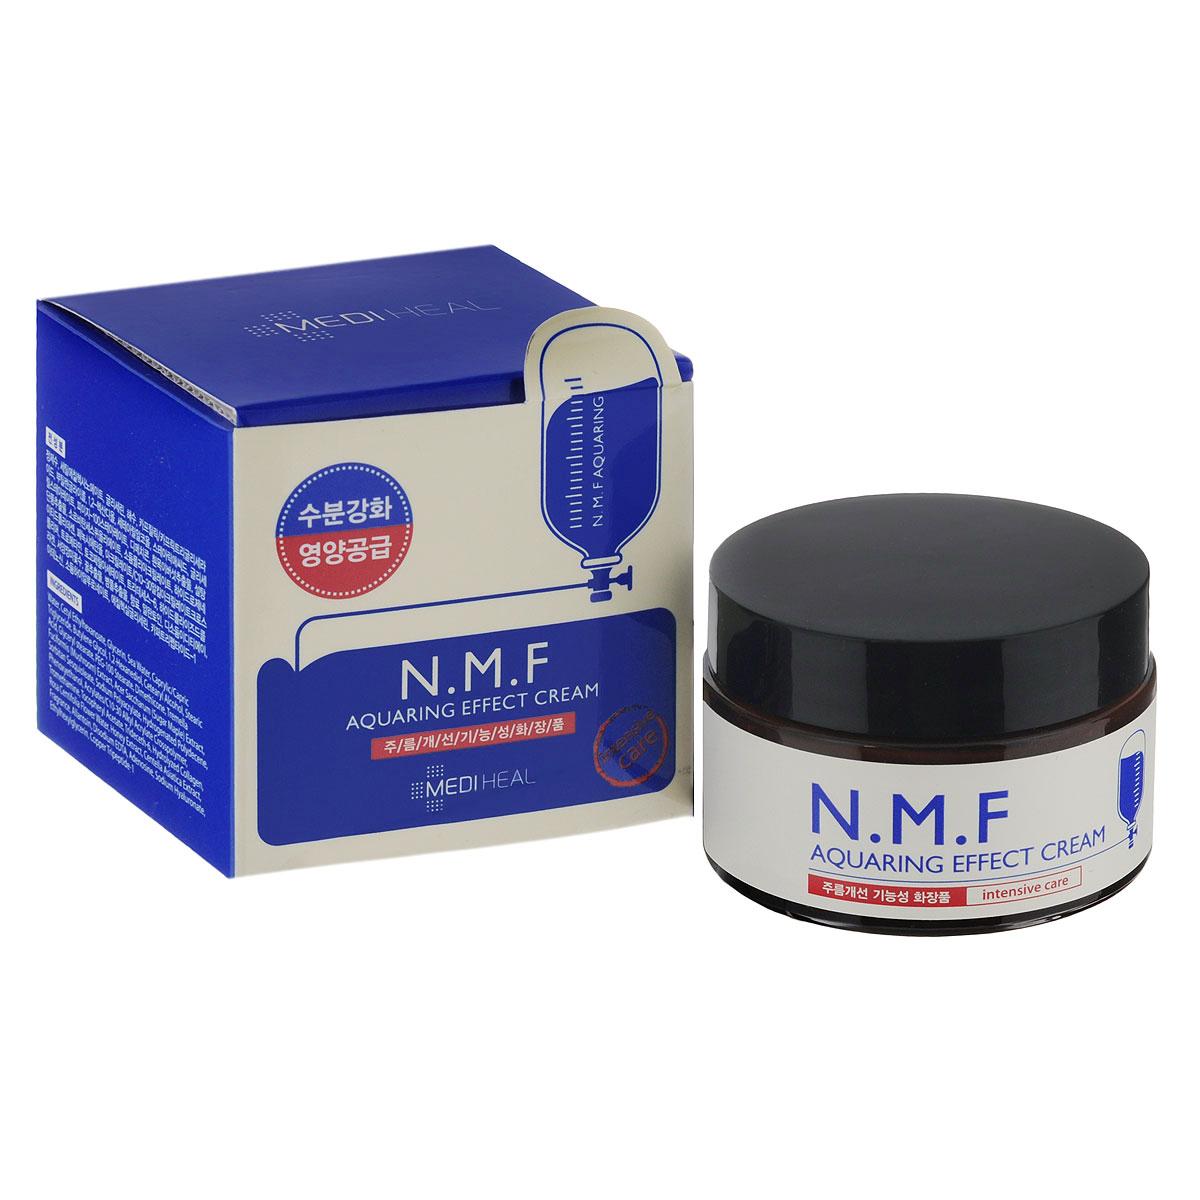 Beauty Clinic Крем для лица Aquaring Effect, с N.M.F., увлажняющий, 45 млDLX03Крем Aquaring Effect содержит N.M.F. и другие увлажняющие и подтягивающие компоненты, такие как глубинная морская вода, гиалуроновая кислота, экстракты древесного гриба, сахарного клена, меда, центеллы азиатской. Крем интенсивно увлажняет, подтягивает и питает кожу, придает ей свежий вид. Способствует разглаживанию морщин. NMF (натуральный увлажняющий фактор) - это сложный комплекс молекул в роговом слое кожи, который способен притягивать и удерживать влагу, обеспечивать упругость и плотность рогового слоя кожи. В состав NMF входят низкомолекулярные пептиды, карбамид, пирролидонкарбоновая кислота, аминокислоты и т. д. При недостаточности увлажняющего фактора происходит обезвоживание эпидермиса. Глубинная морская вода содержит большое количество питательных веществ и 70 видов минералов, которые активно увлажняют кожу, придают ей здоровый вид, делают цвет кожи более естественным, выравнивают ее тон. Экстракт клена сахарного ускоряет процесс обновления клеток, устраняет омертвевшие клетки эпидермиса и делает кожу более гладкой и свежей. Товар сертифицирован.